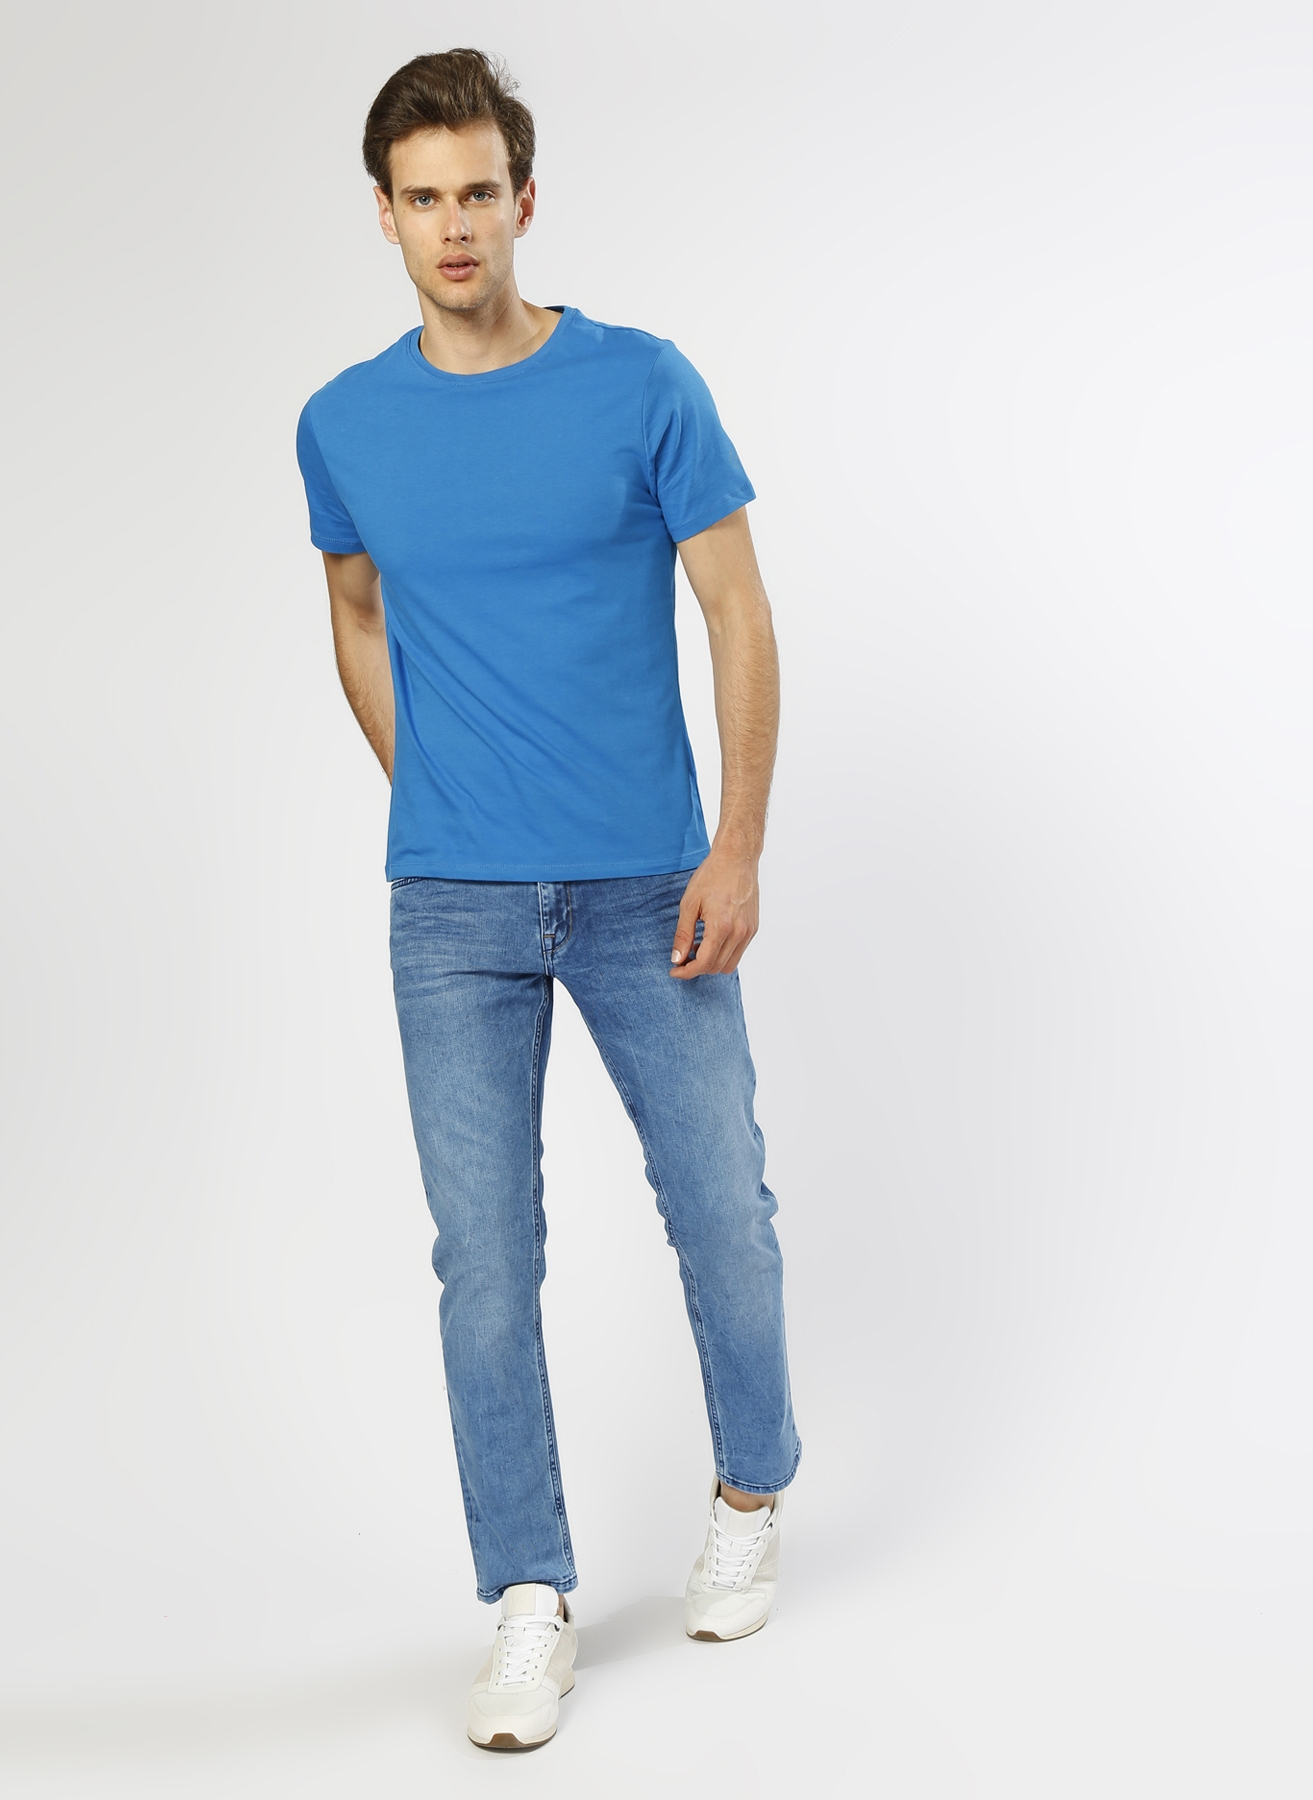 Loft Ağartılmış İndigo Klasik Pantolon 31-34 5000202278006 Ürün Resmi